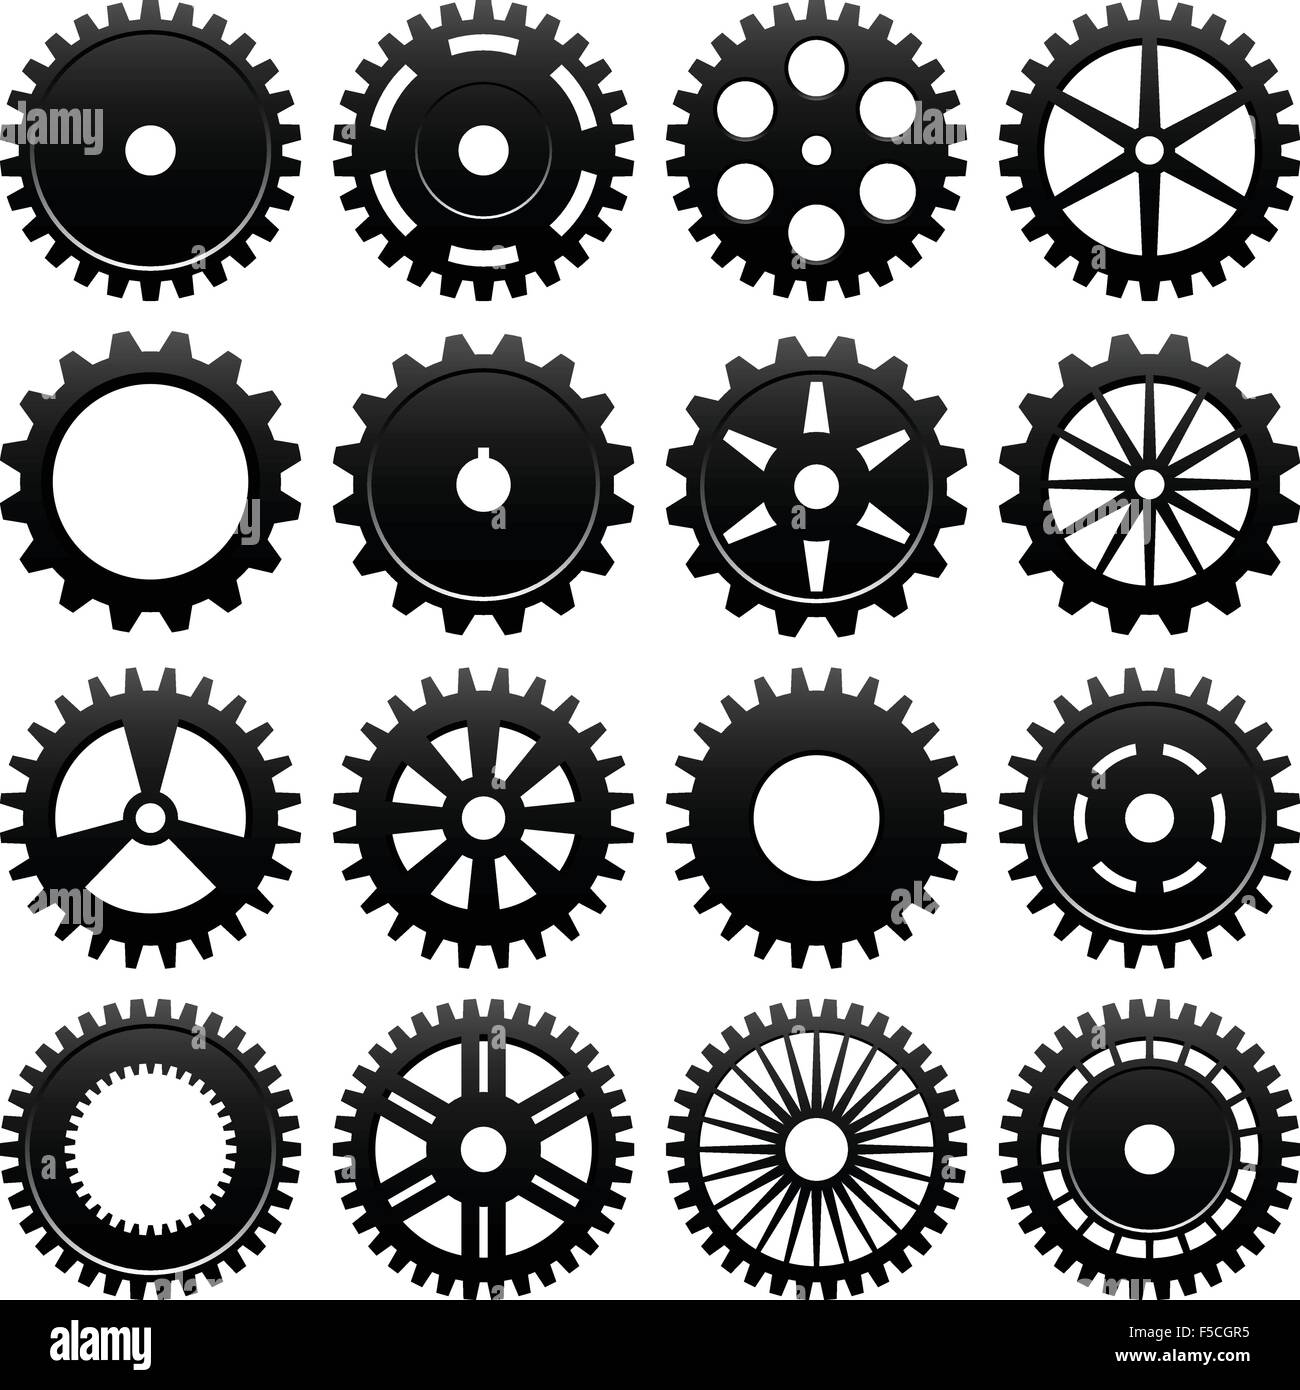 Machine Gear Wheel Cogwheel Vector - Stock Image